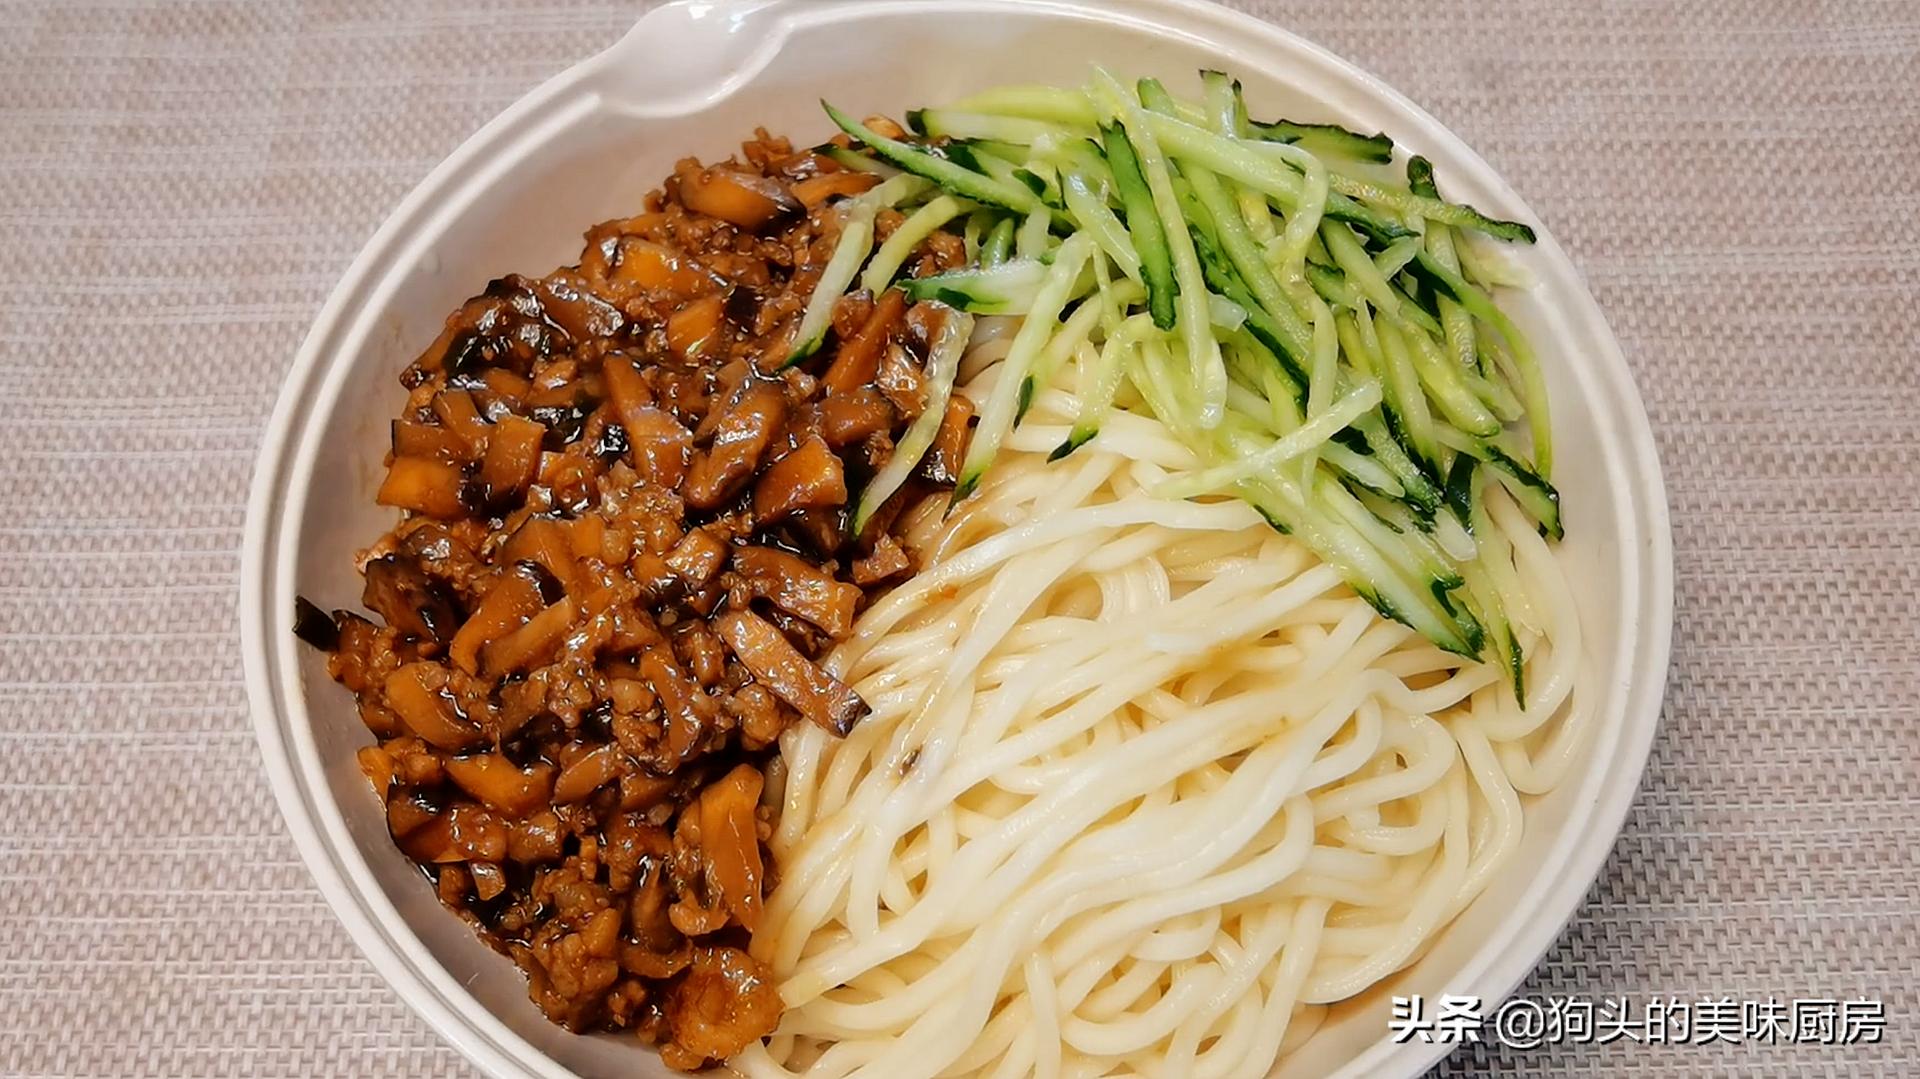 最近嘴馋没少吃它,入锅煮一煮,浇上料汁一拌,开胃又解馋 美食做法 第1张